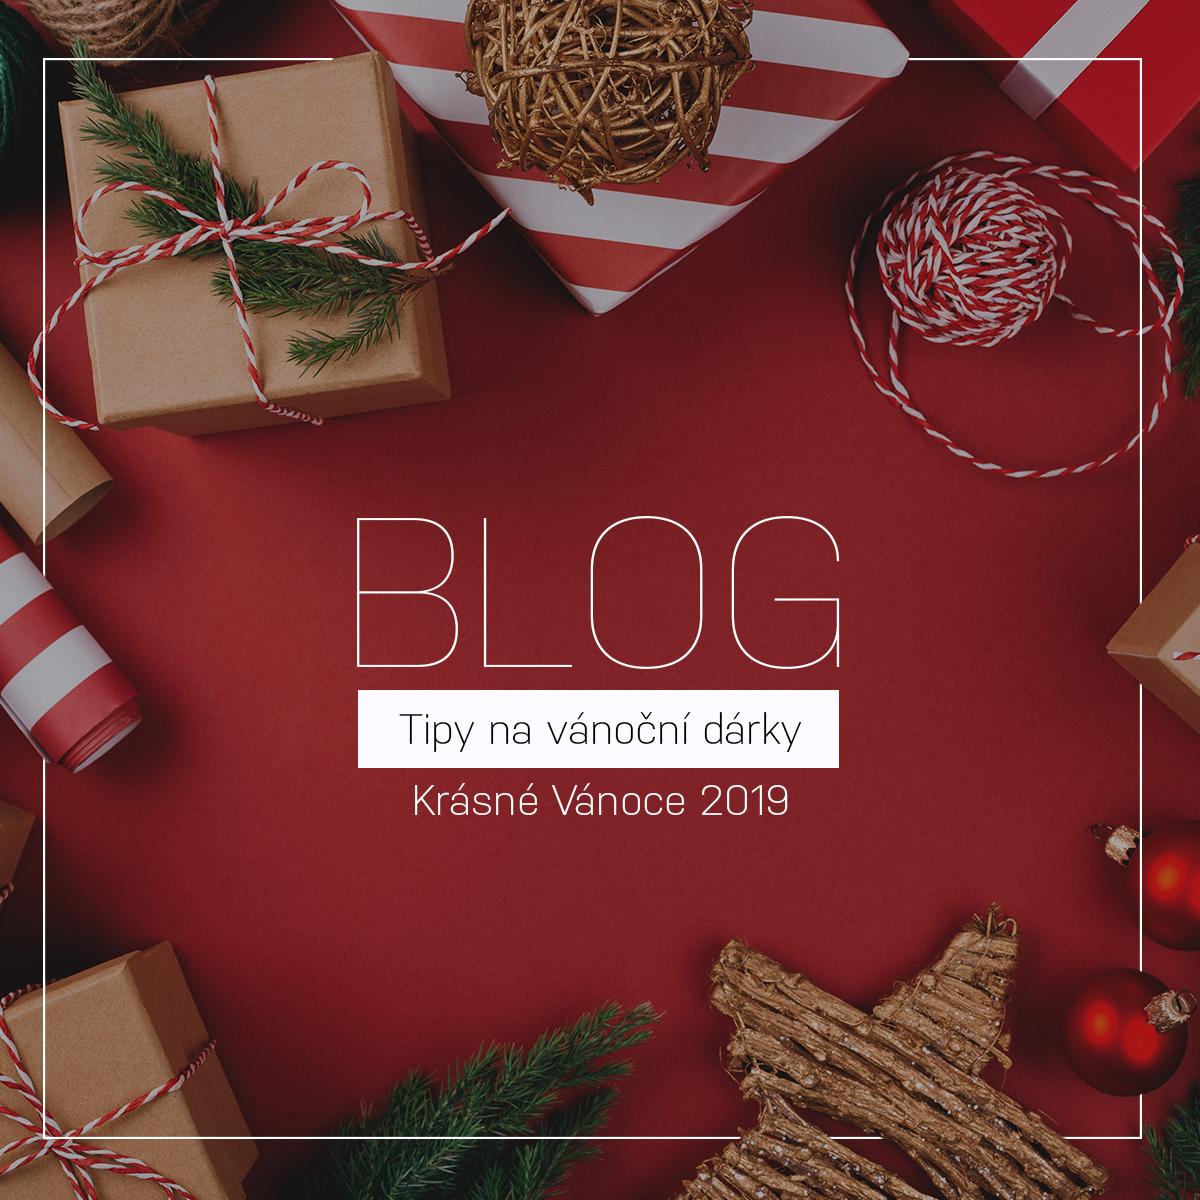 Tipy na vánoční dárky  | Krásné Vánoce 2019